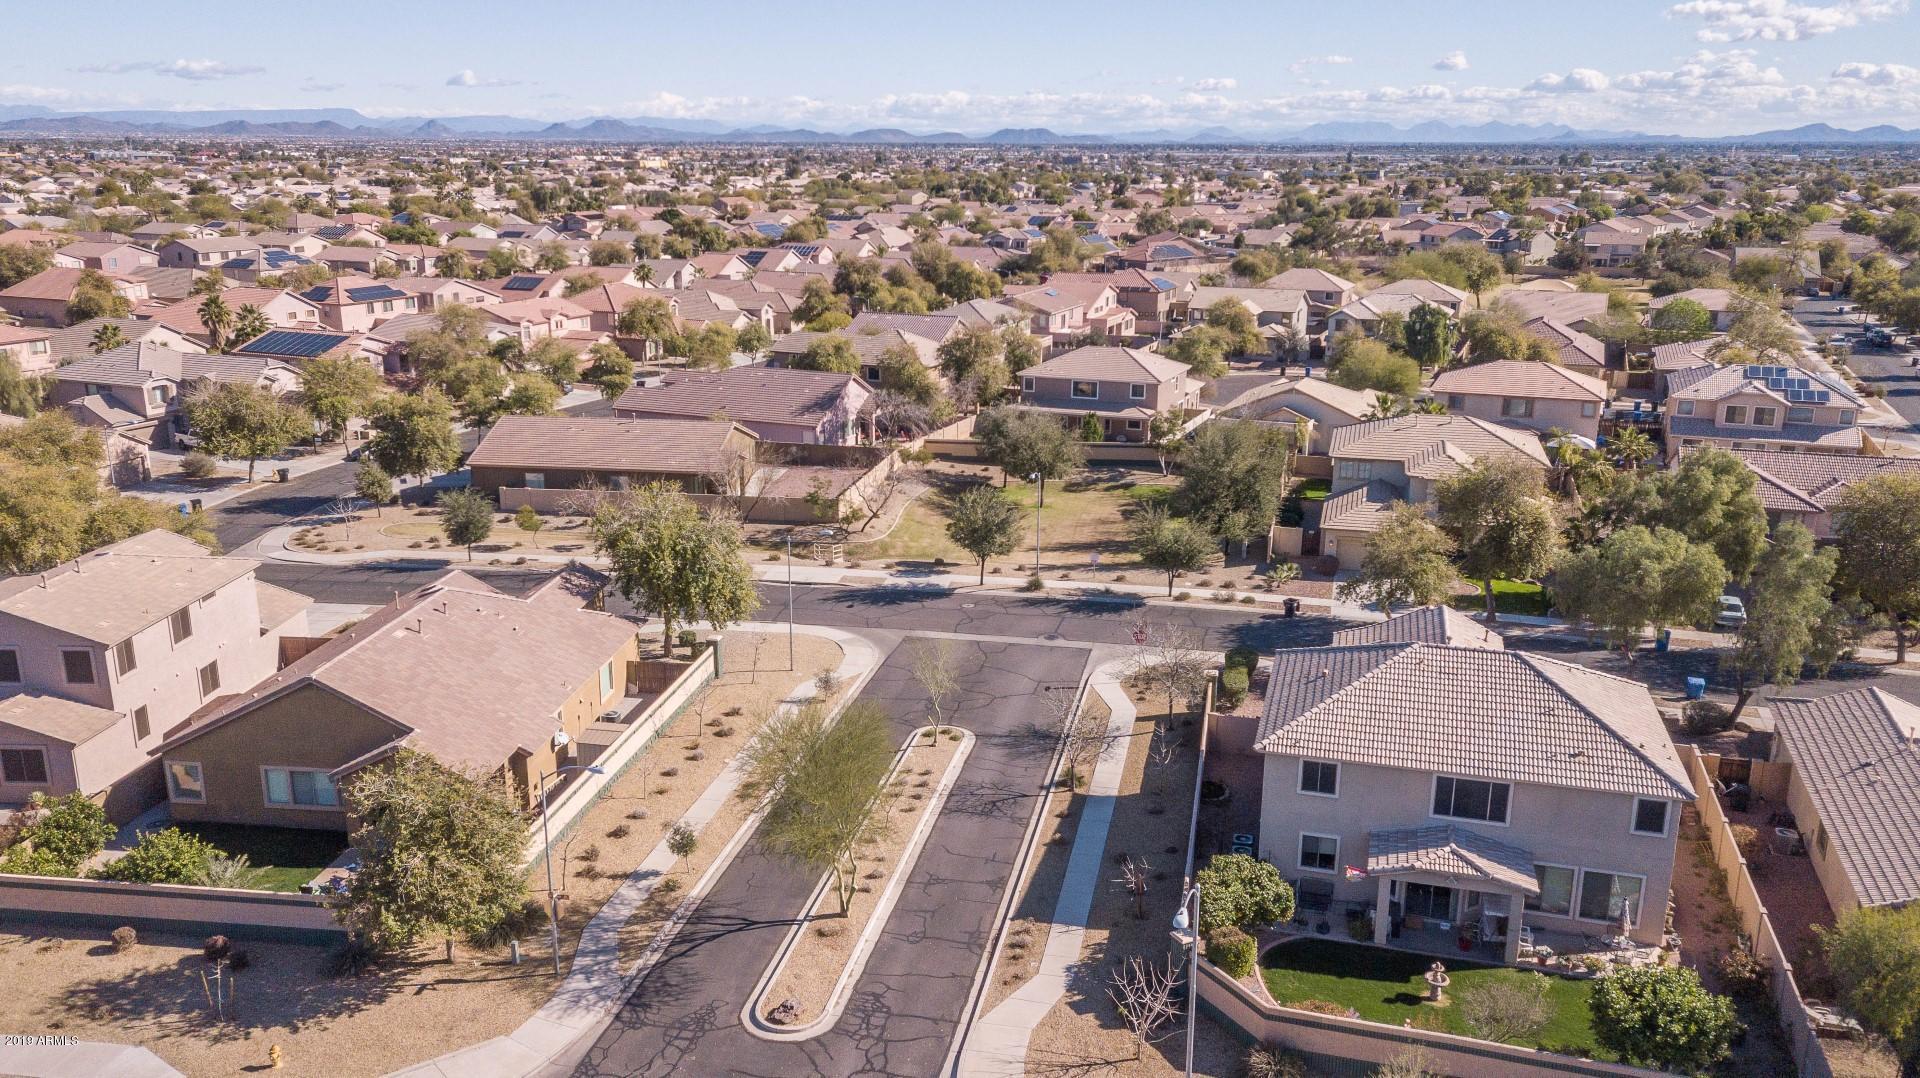 MLS 5880064 13575 W ACAPULCO Lane, Surprise, AZ 85379 Surprise AZ Litchfield Manor